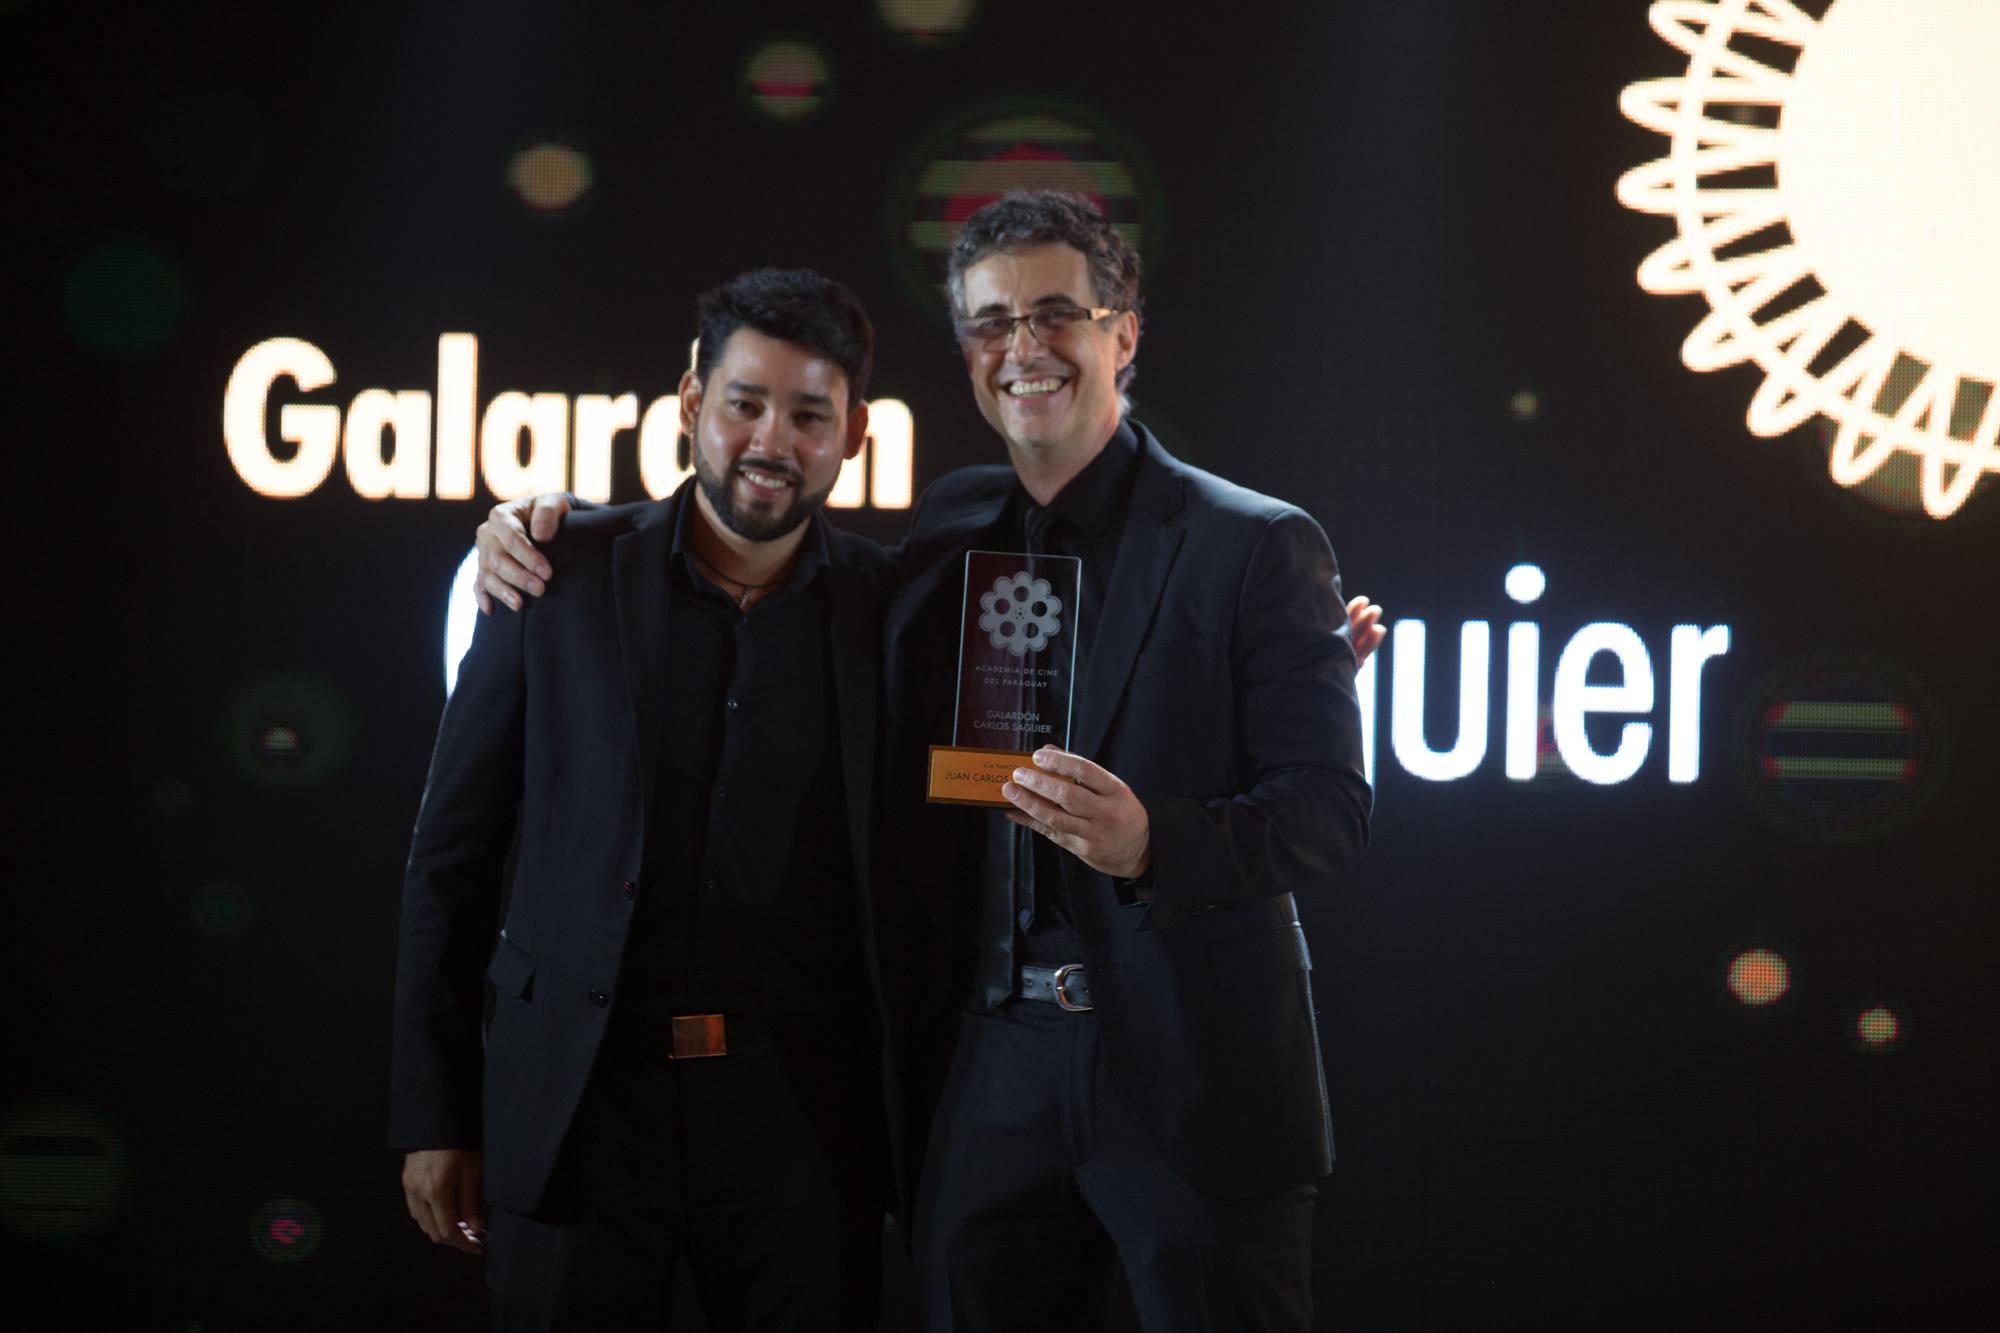 Juan Carlos Maneglia recibiendo el galardon de parte de Celso Franco, quien interpretara el papel protagónico de Victor en el film 7 cajas.